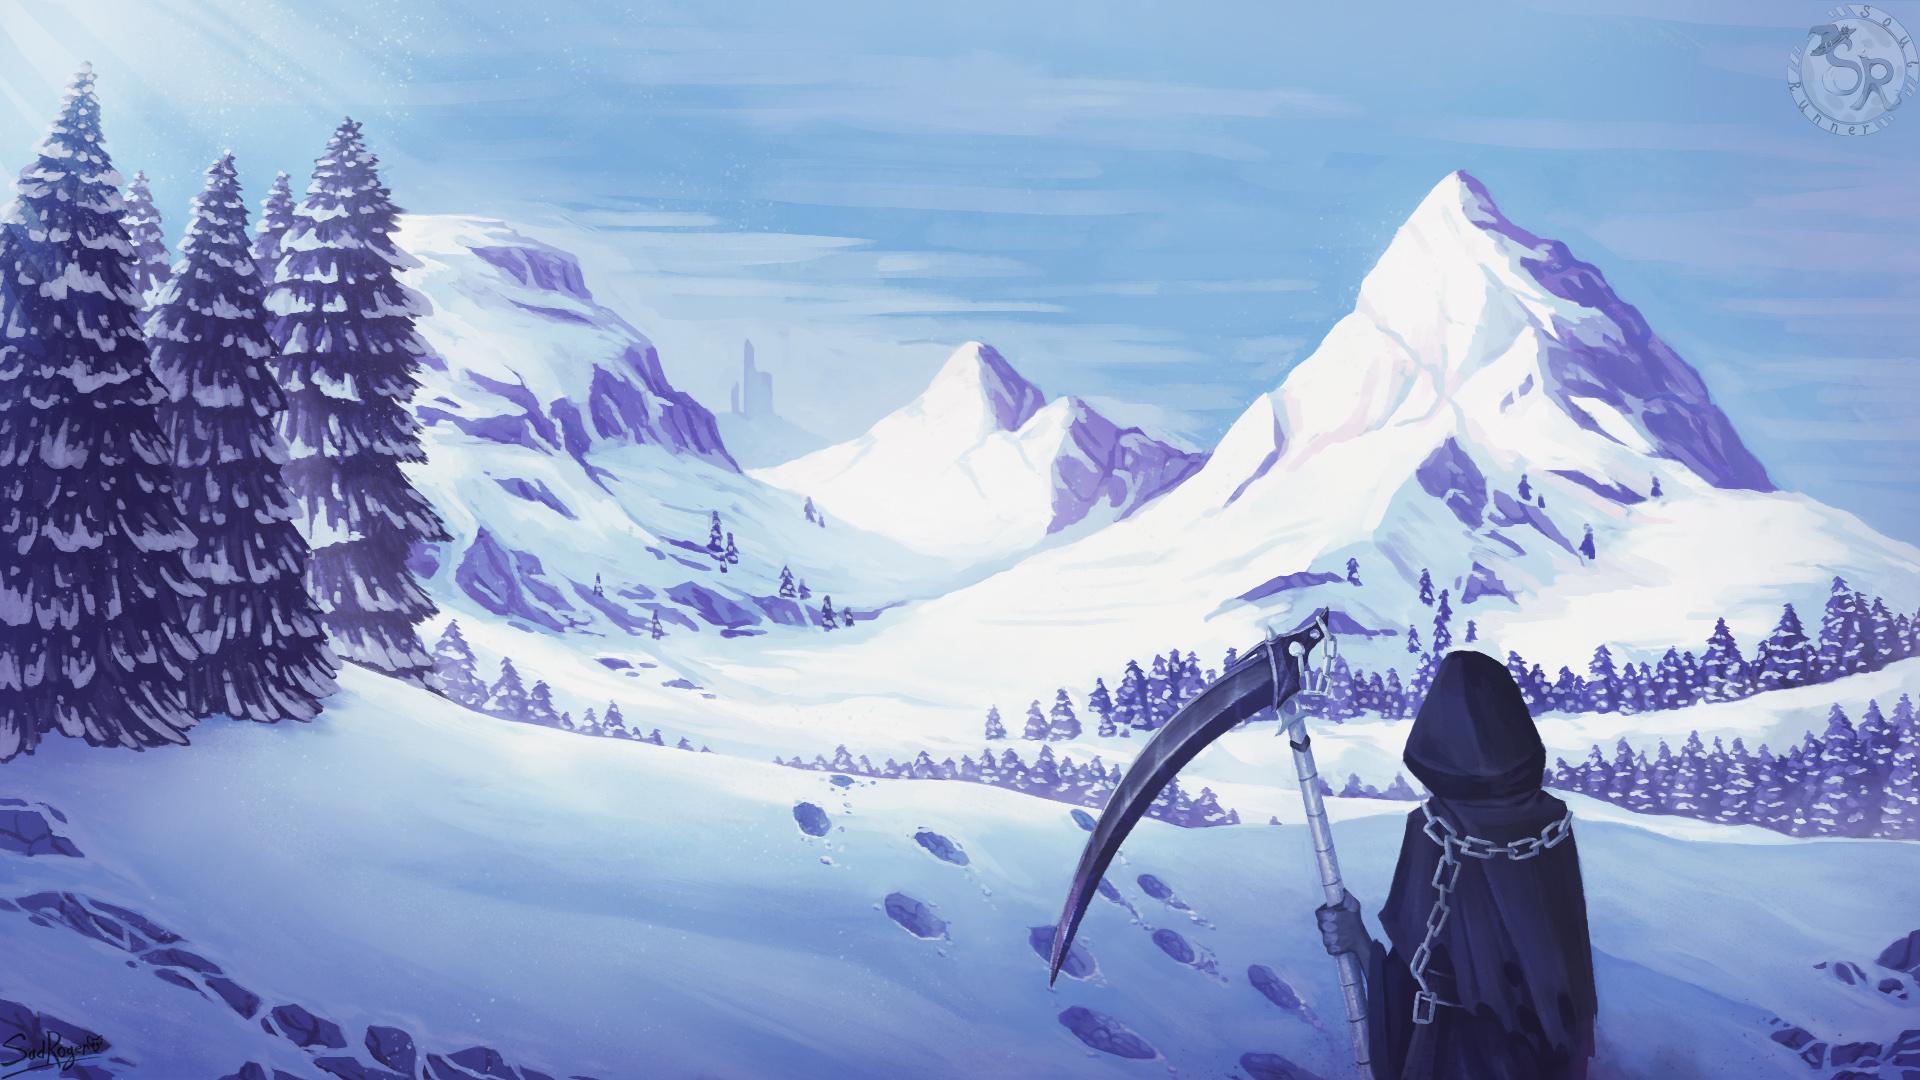 зима | SOUL RUNNER (ищем 2D художников)